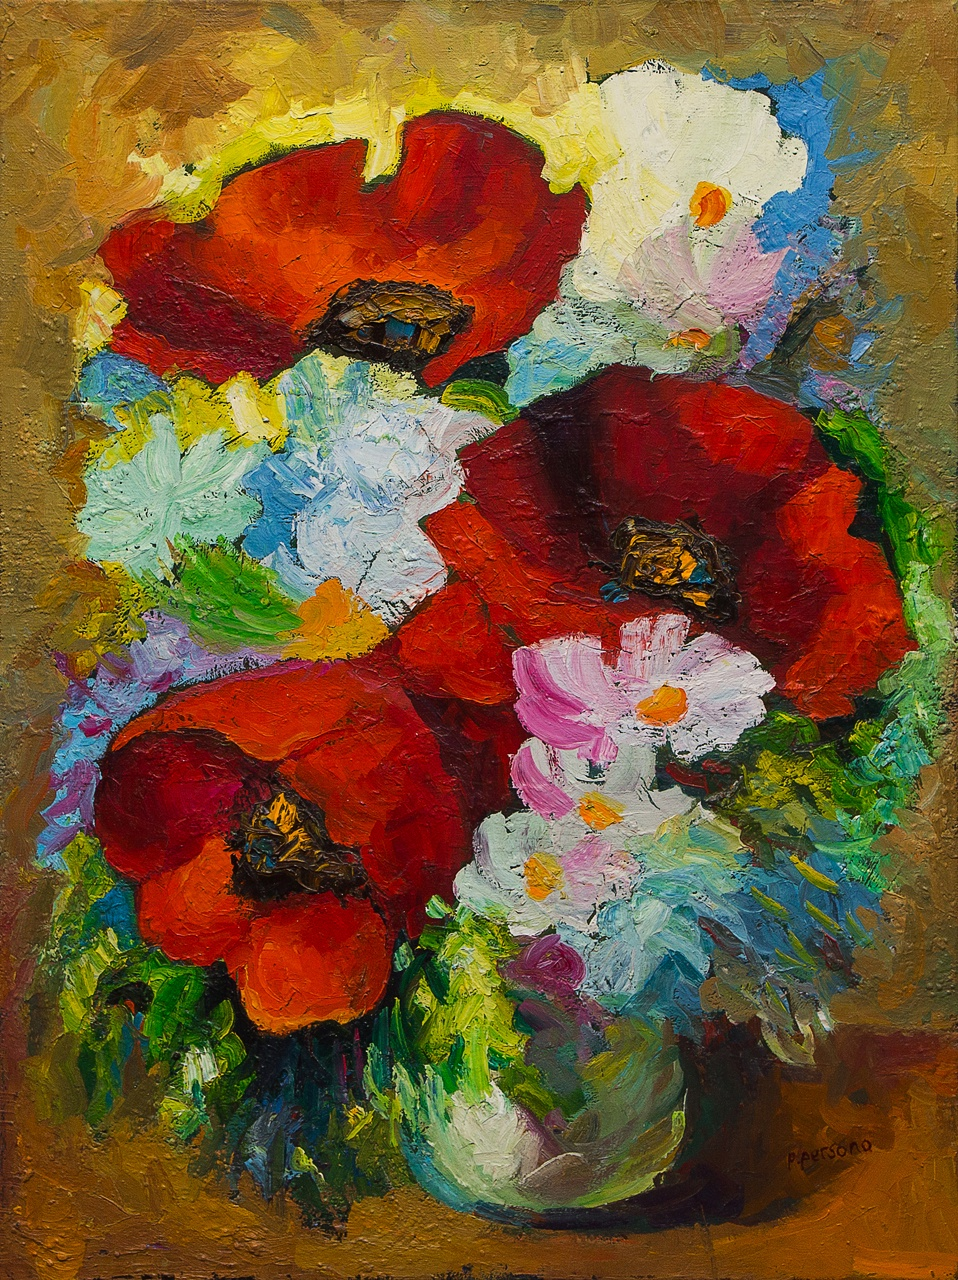 Фото - Цветы бранд д проснись и живи